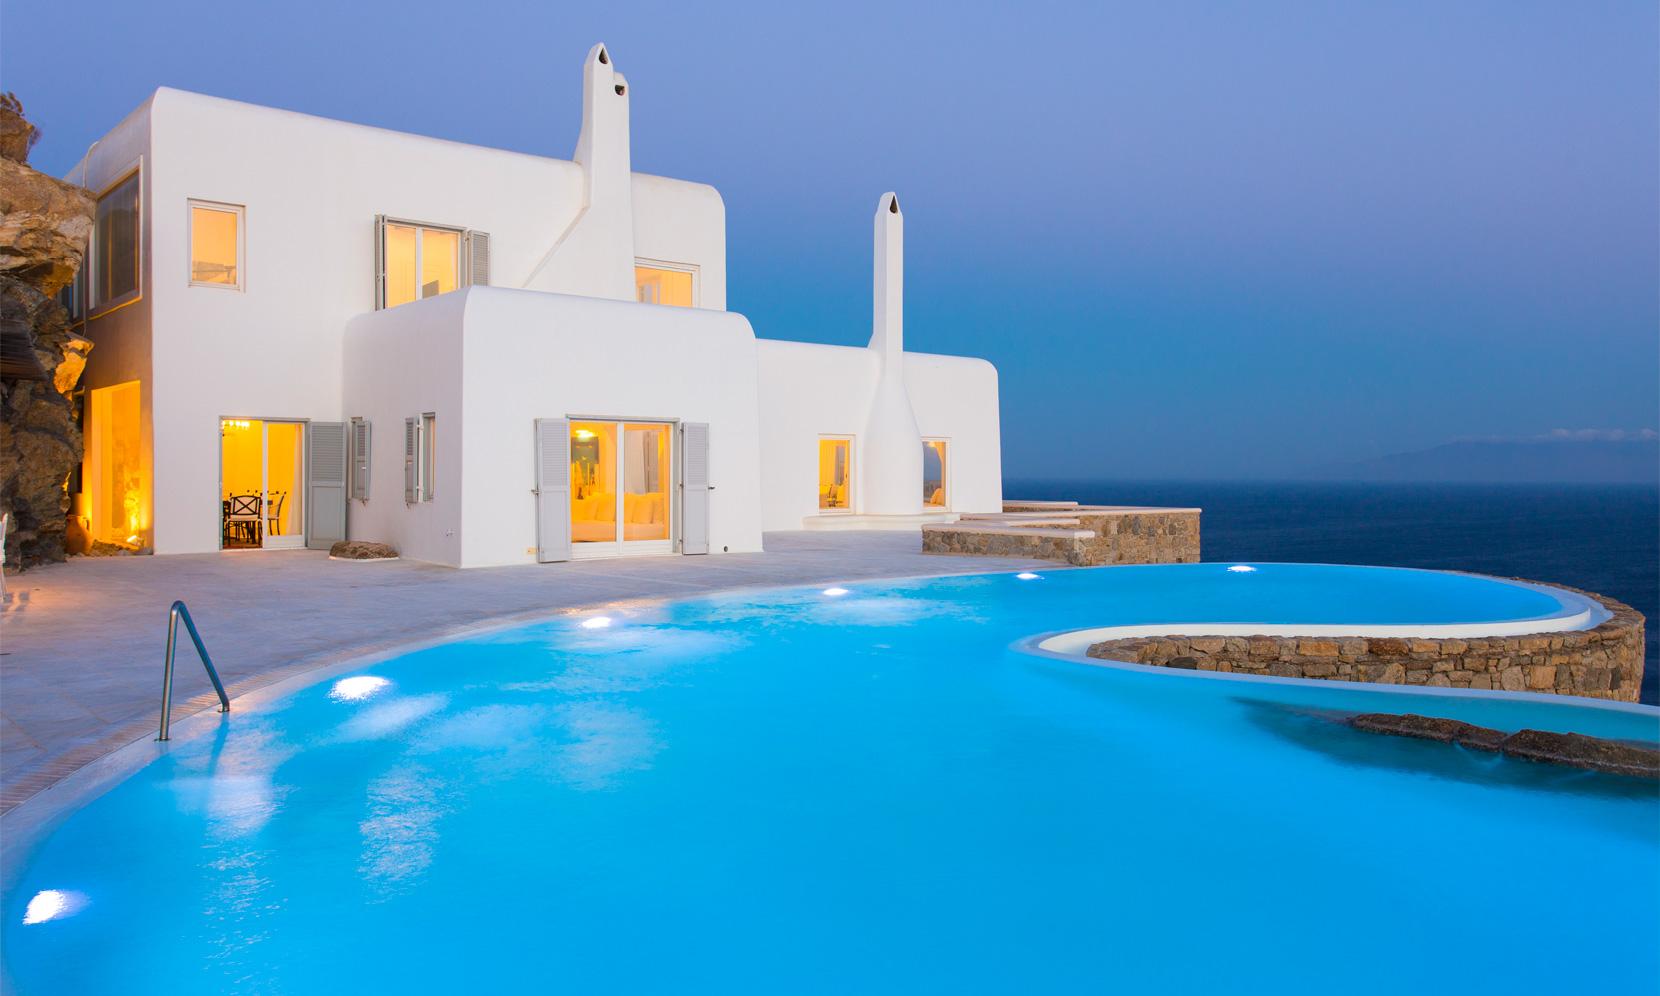 Mykonos Villa Concordia jumbotron image